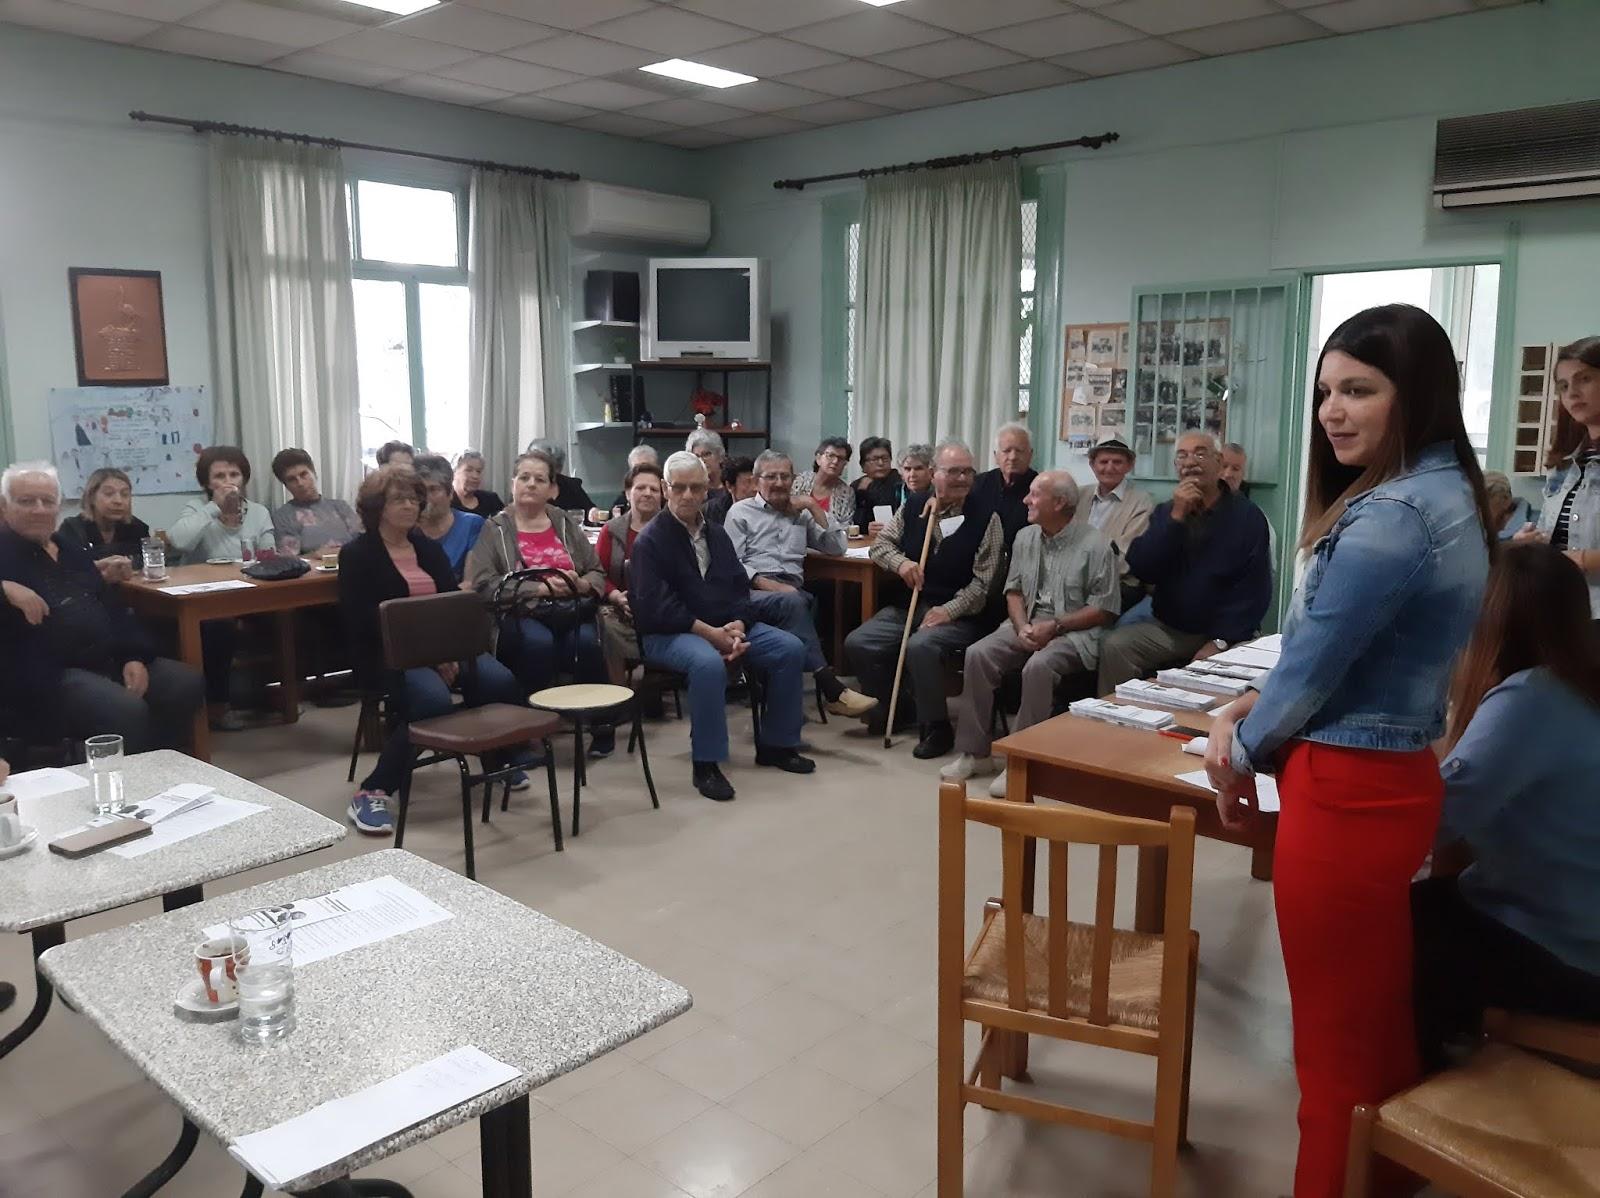 Ενημερωτική δράση - «Άνοια-Alzheimer: Ενημερώνω και Υποστηρίζω» στο ΚΑΠΗ της Γιάννουλης